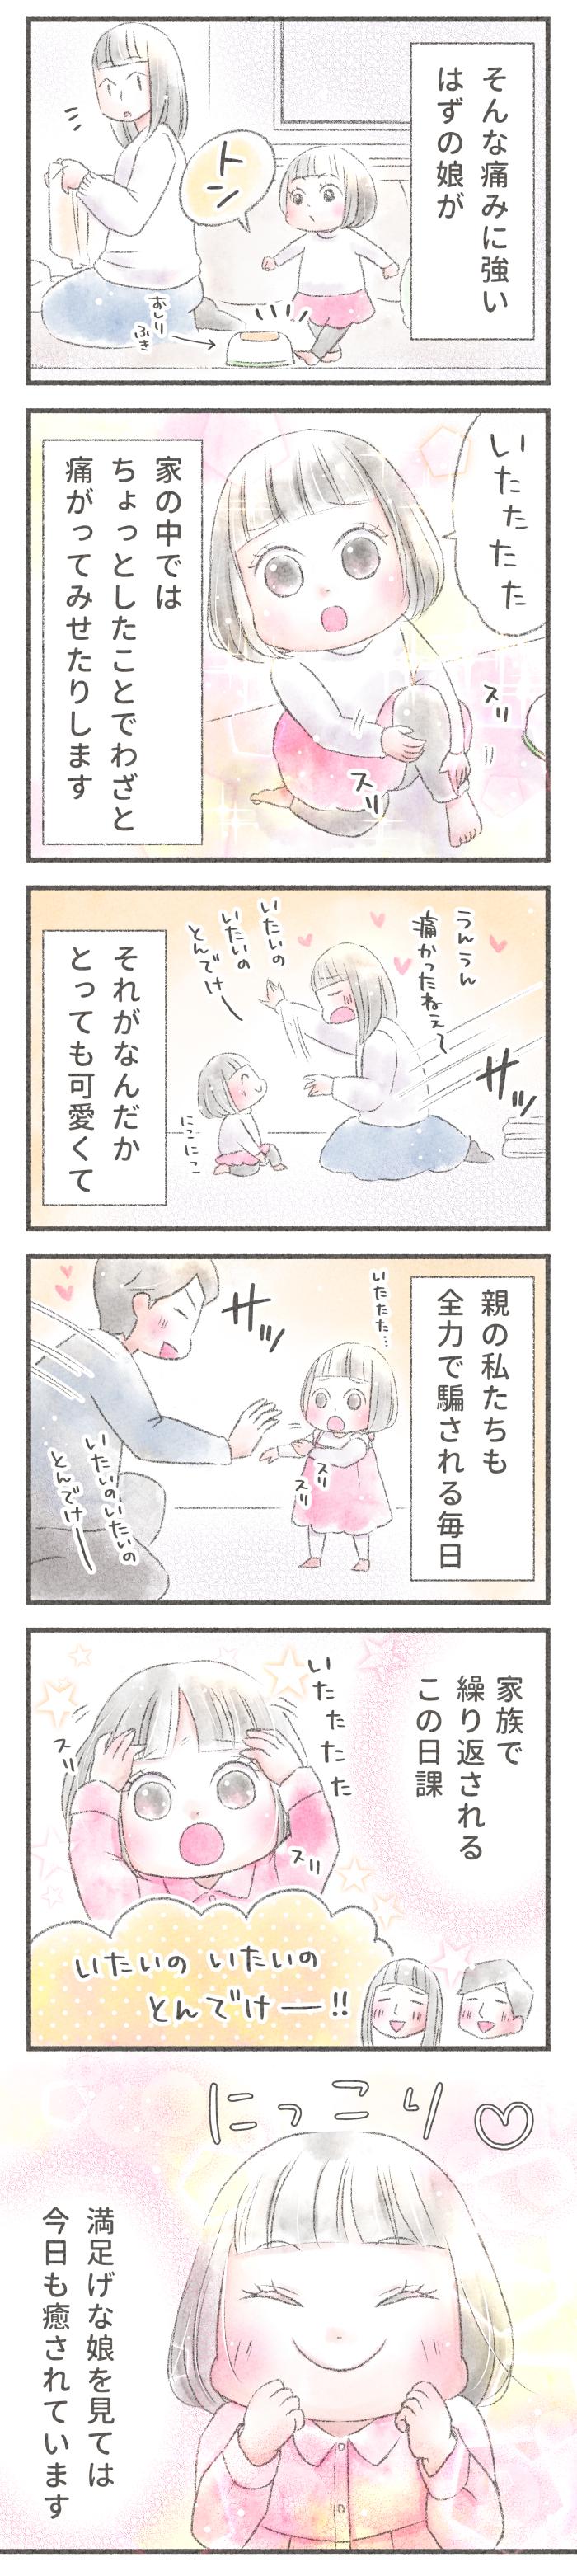 わざと痛がる姿が可愛い!予防接種でも泣かない娘が「あいたた…」と甘える時の画像2